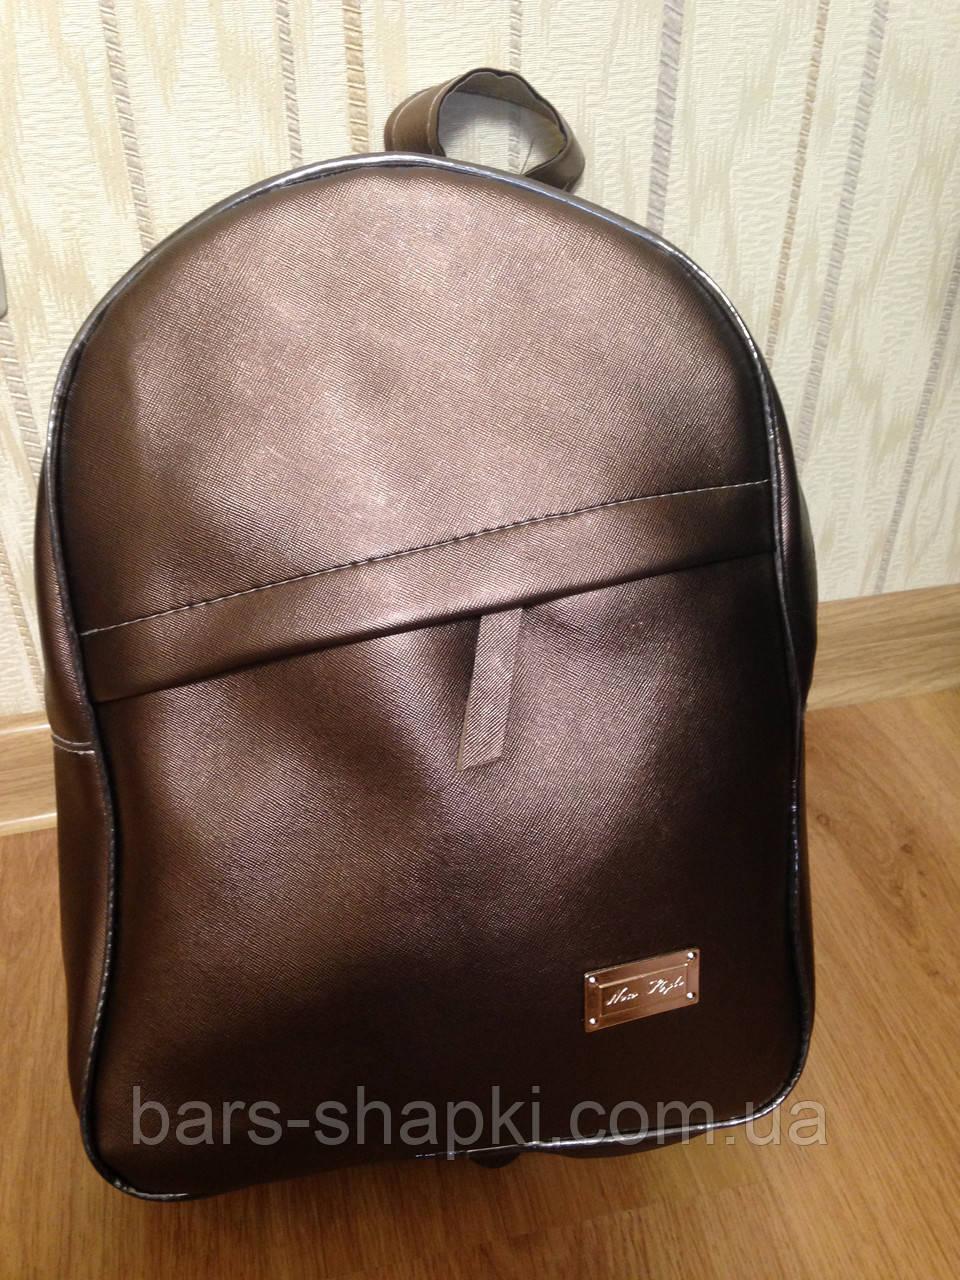 Качественный городской рюкзак, цвет коричневый